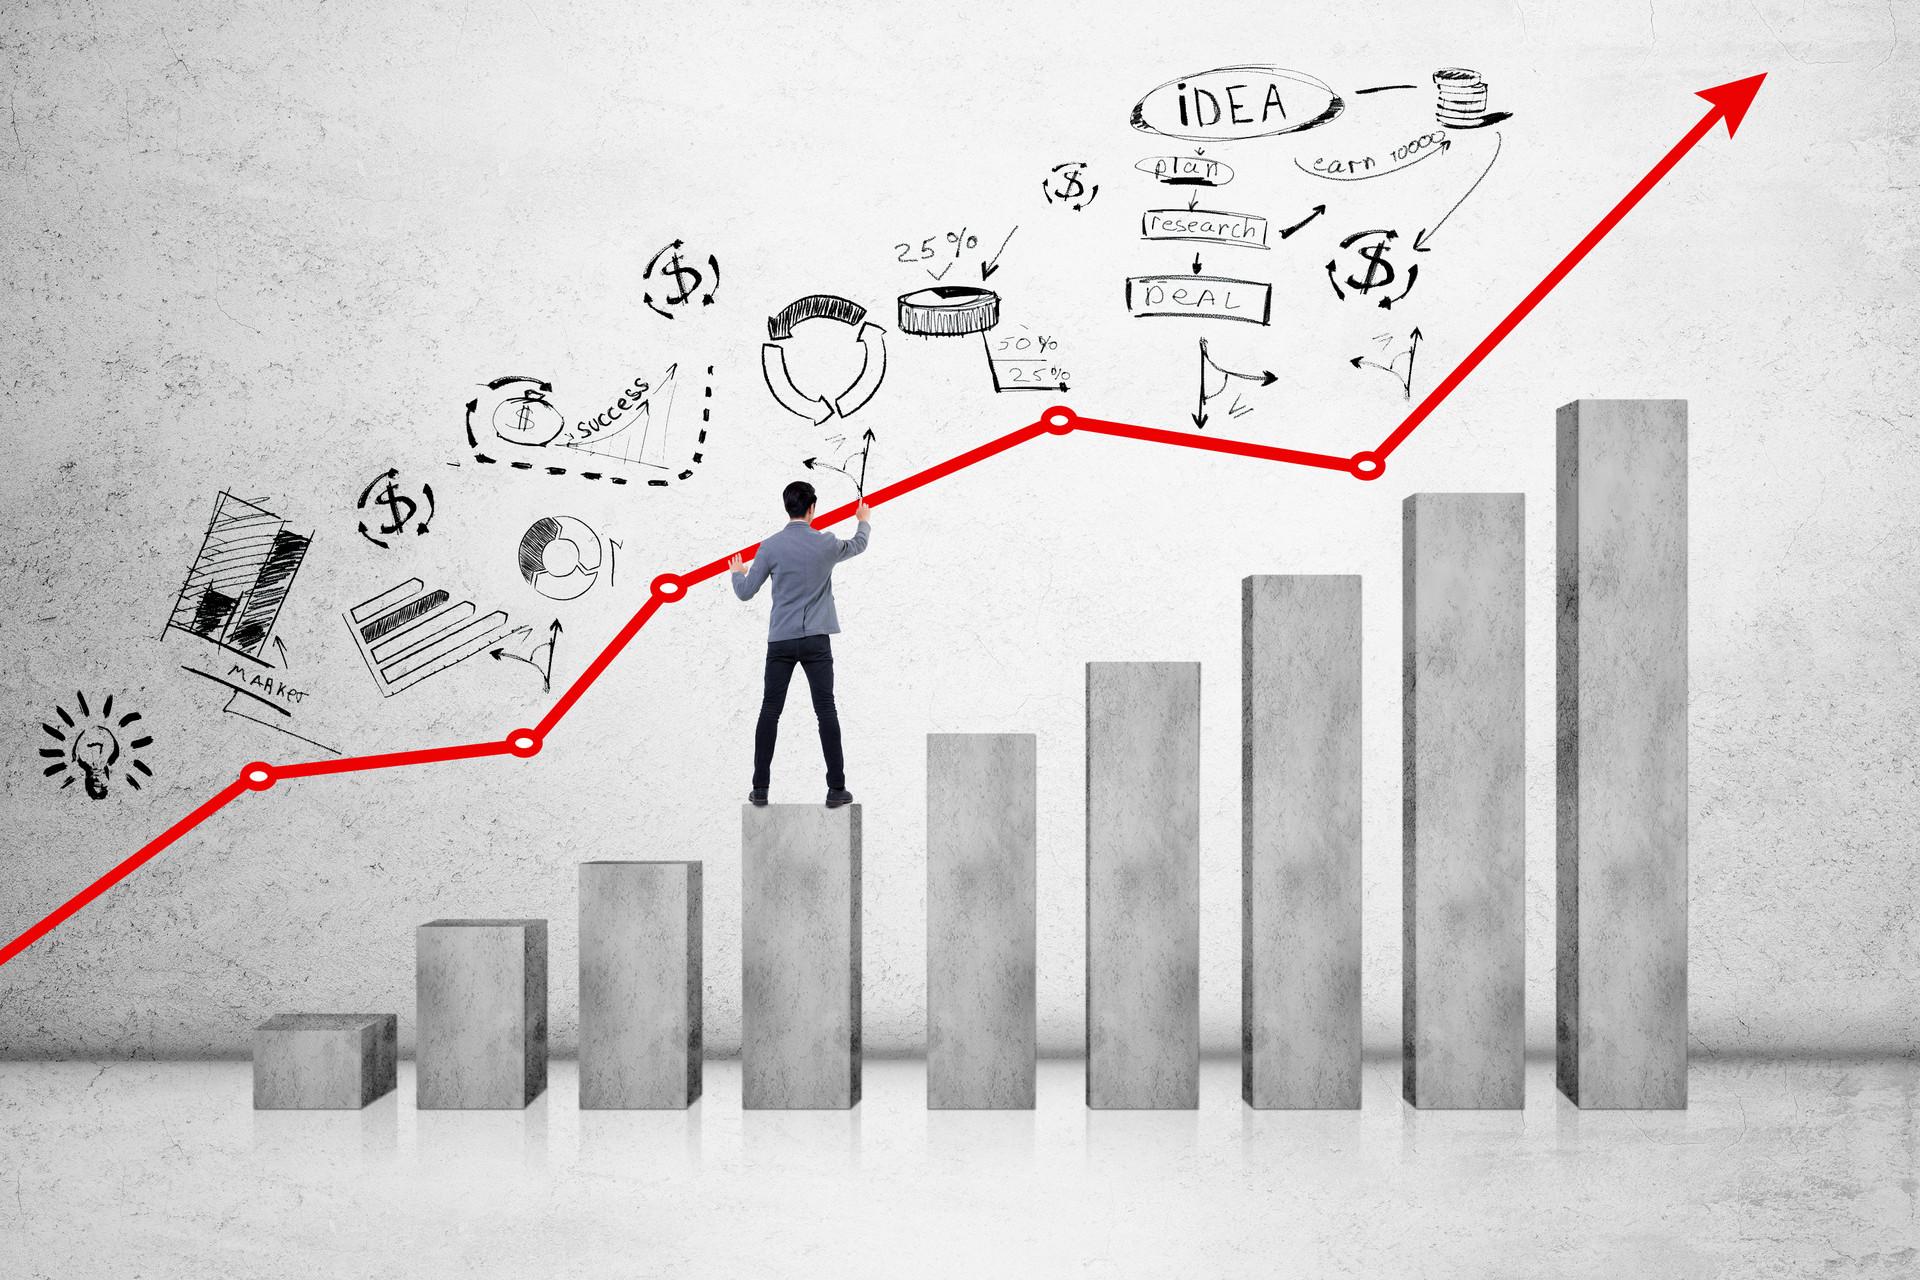 7700万用户0推广,美篇如何将价值洼地转化为增长主力?